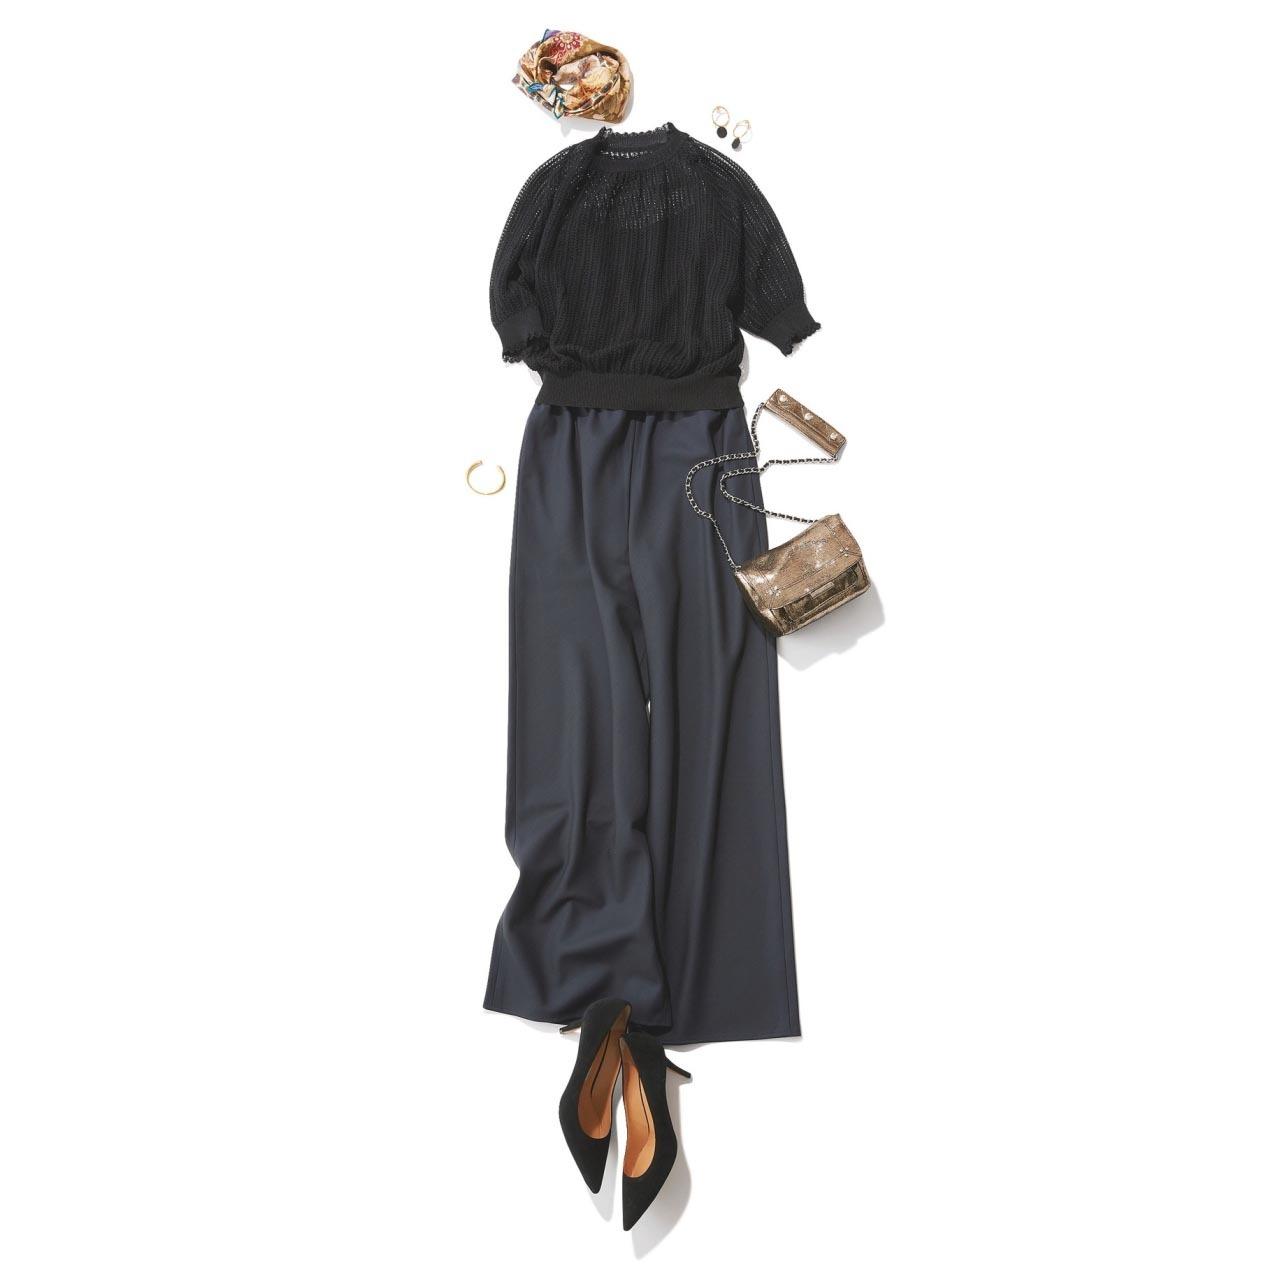 レース編みの半袖ニット×グレーのワイドパンツコーデ